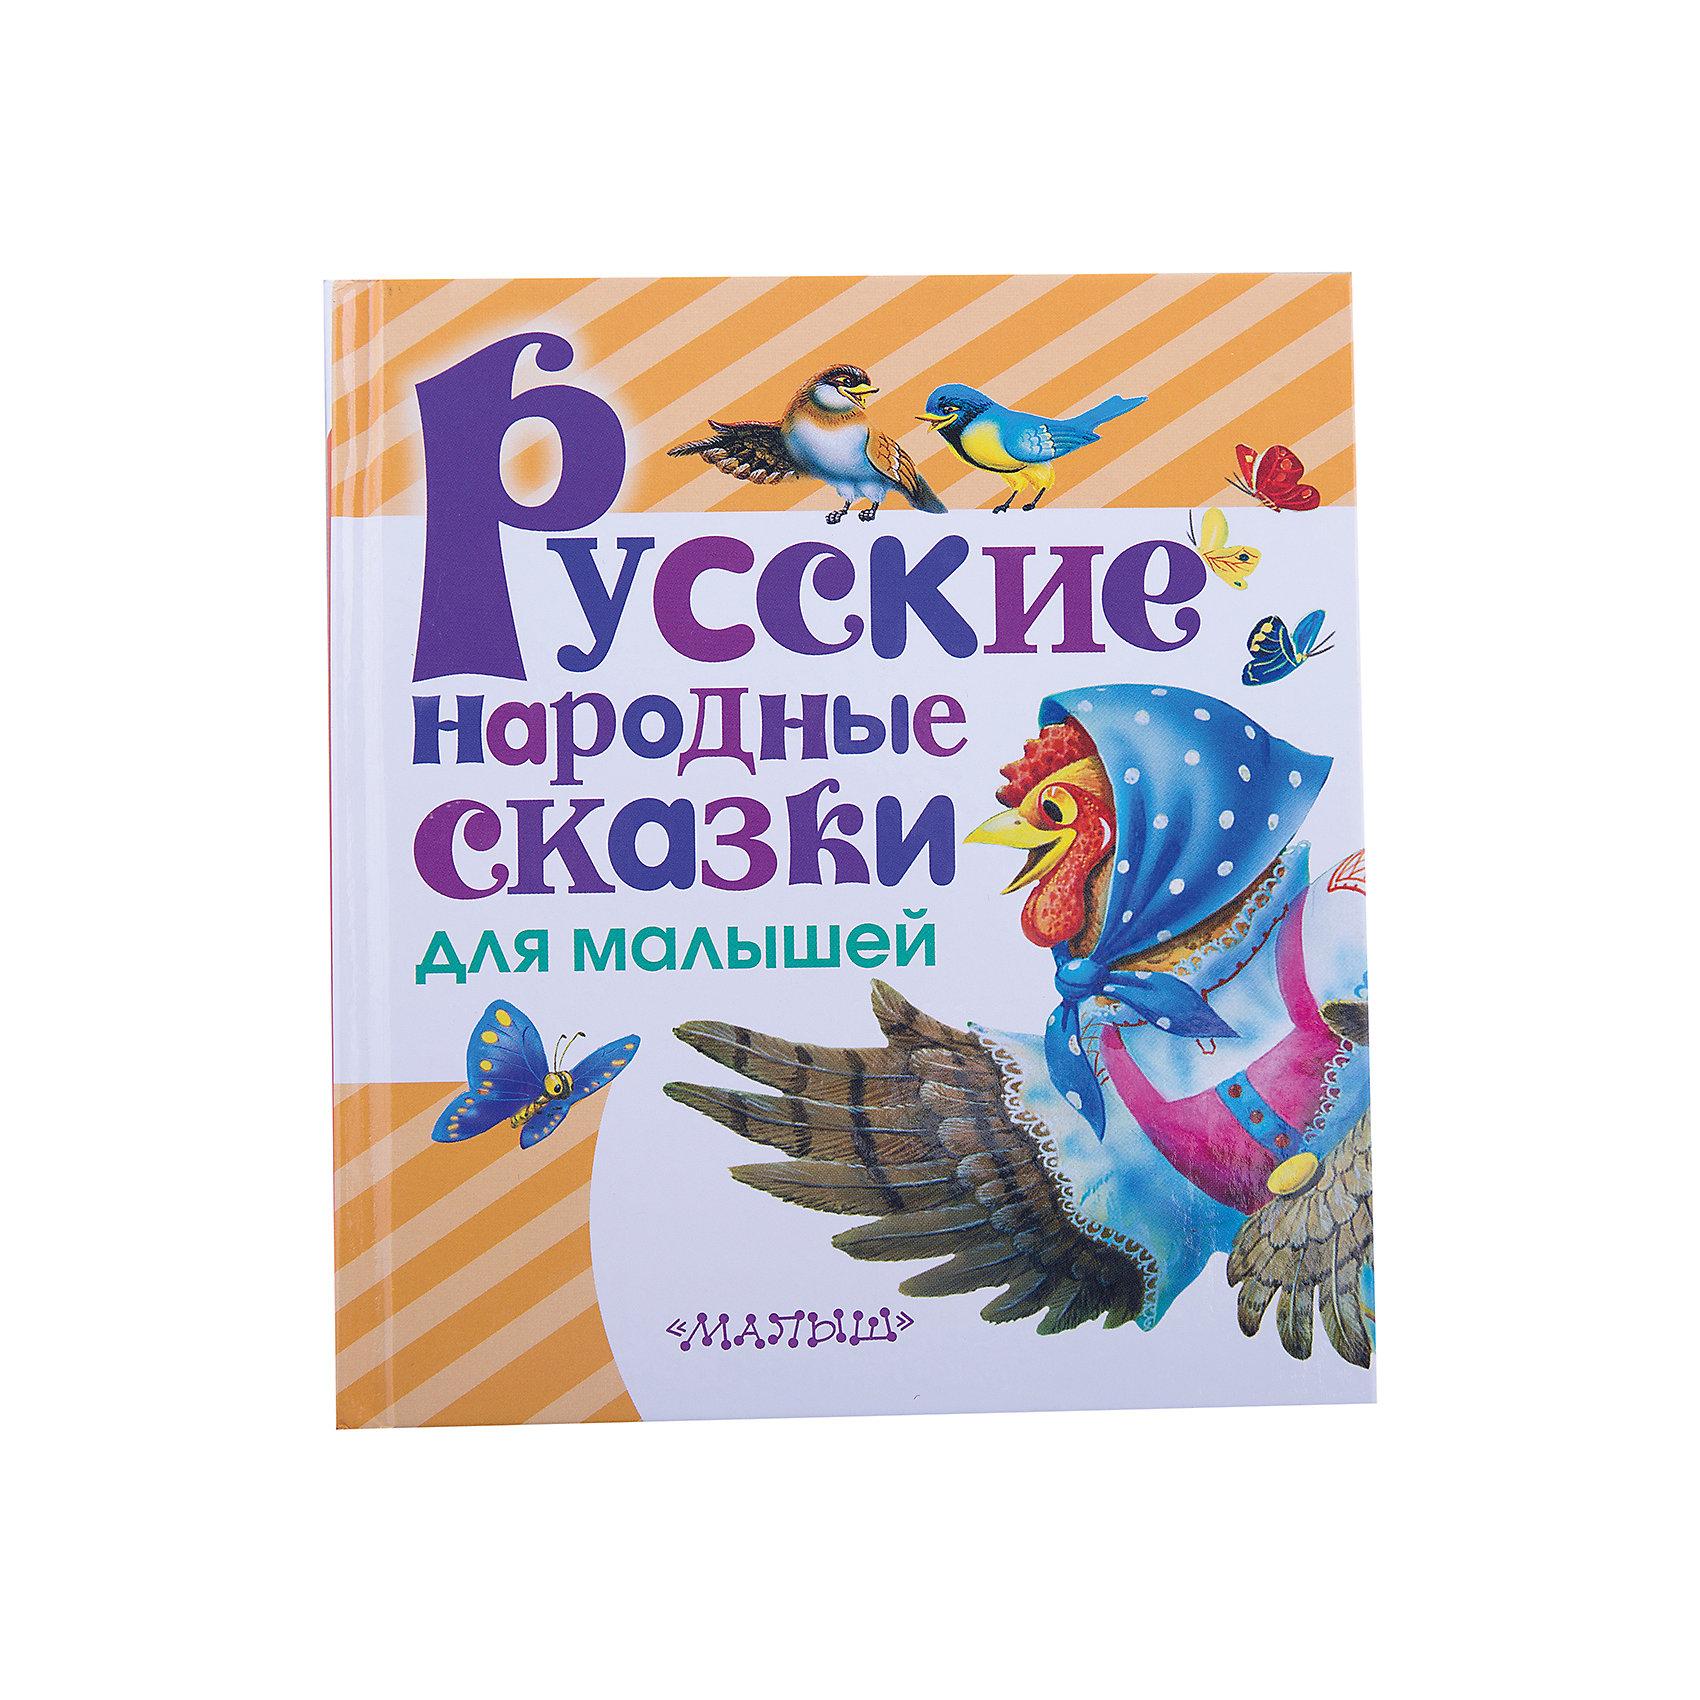 Русские народные сказки для малышейСказки<br>Рисунки Г. Кравец и Ю. Кравца.<br>Для детей до 3-х лет.<br><br>Содержание:<br>Лиса, Заяц и Петух<br>Овца, лиса и волк<br>Ворона и рак<br>Колобок<br>Как лиса училась летать<br>Лиса и дрозд<br>Лиса и журавль<br>Журавль и цапля<br>Кот - серый лоб, козел да баран<br>Мужик и медведь<br>Три медведя<br>Коза - дереза<br>Крошечка - Хаврошечка<br>Старая и новая шуба<br>Огуречик<br>Мыши и кот<br>Чудище - горынище<br>Филин и орлица<br>Пузырь, соломинка и лапоть<br>Зайчонок и волчонок<br><br>Ширина мм: 155<br>Глубина мм: 140<br>Высота мм: 160<br>Вес г: 307<br>Возраст от месяцев: 48<br>Возраст до месяцев: 2147483647<br>Пол: Унисекс<br>Возраст: Детский<br>SKU: 6848326